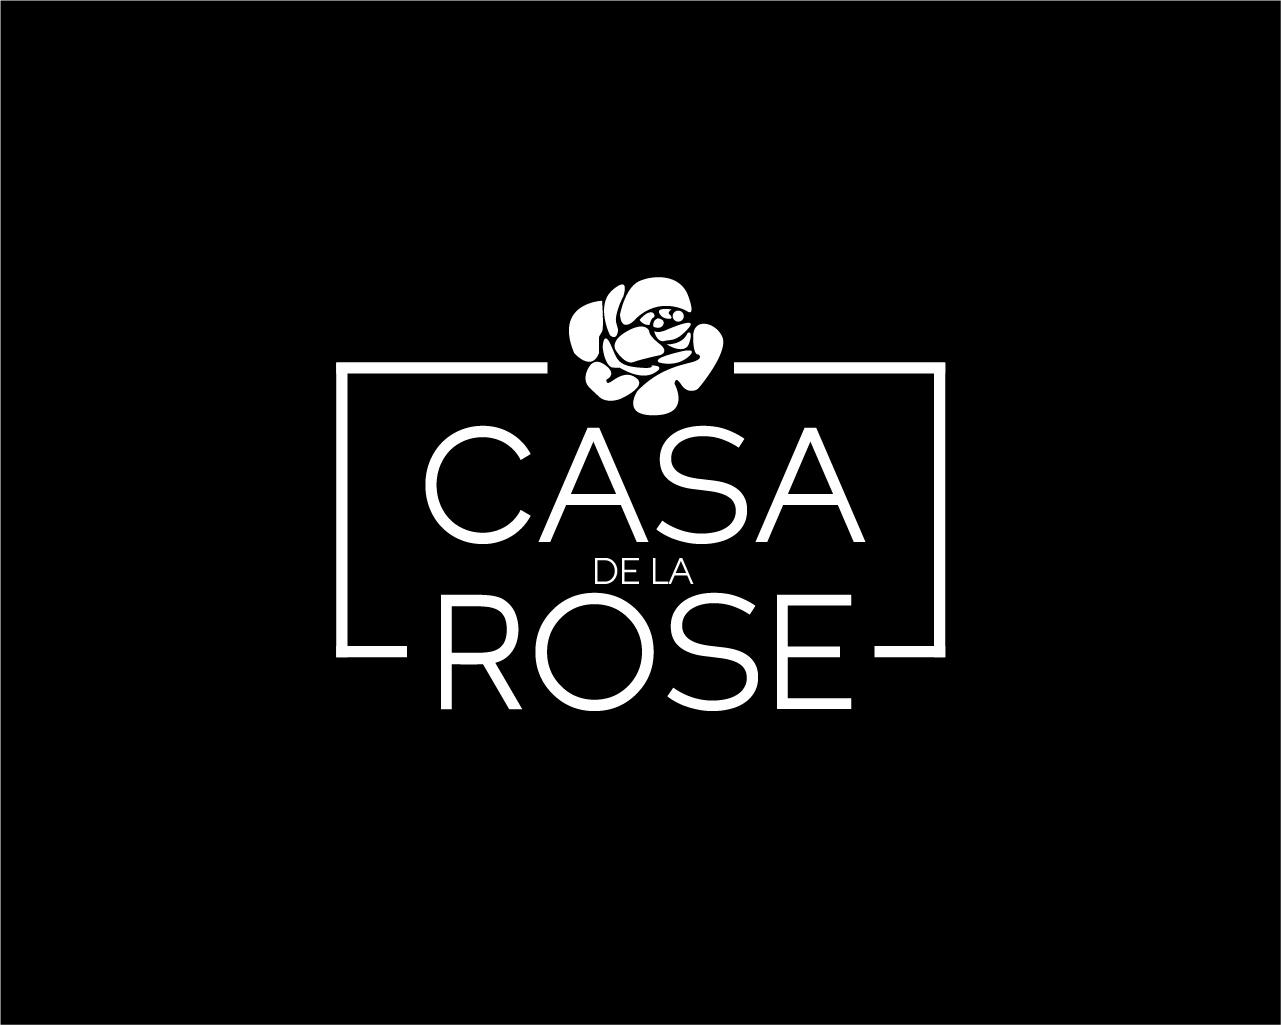 Логотип + Фирменный знак для элитного поселка Casa De La Rosa фото f_2275cd465d0179ae.jpg